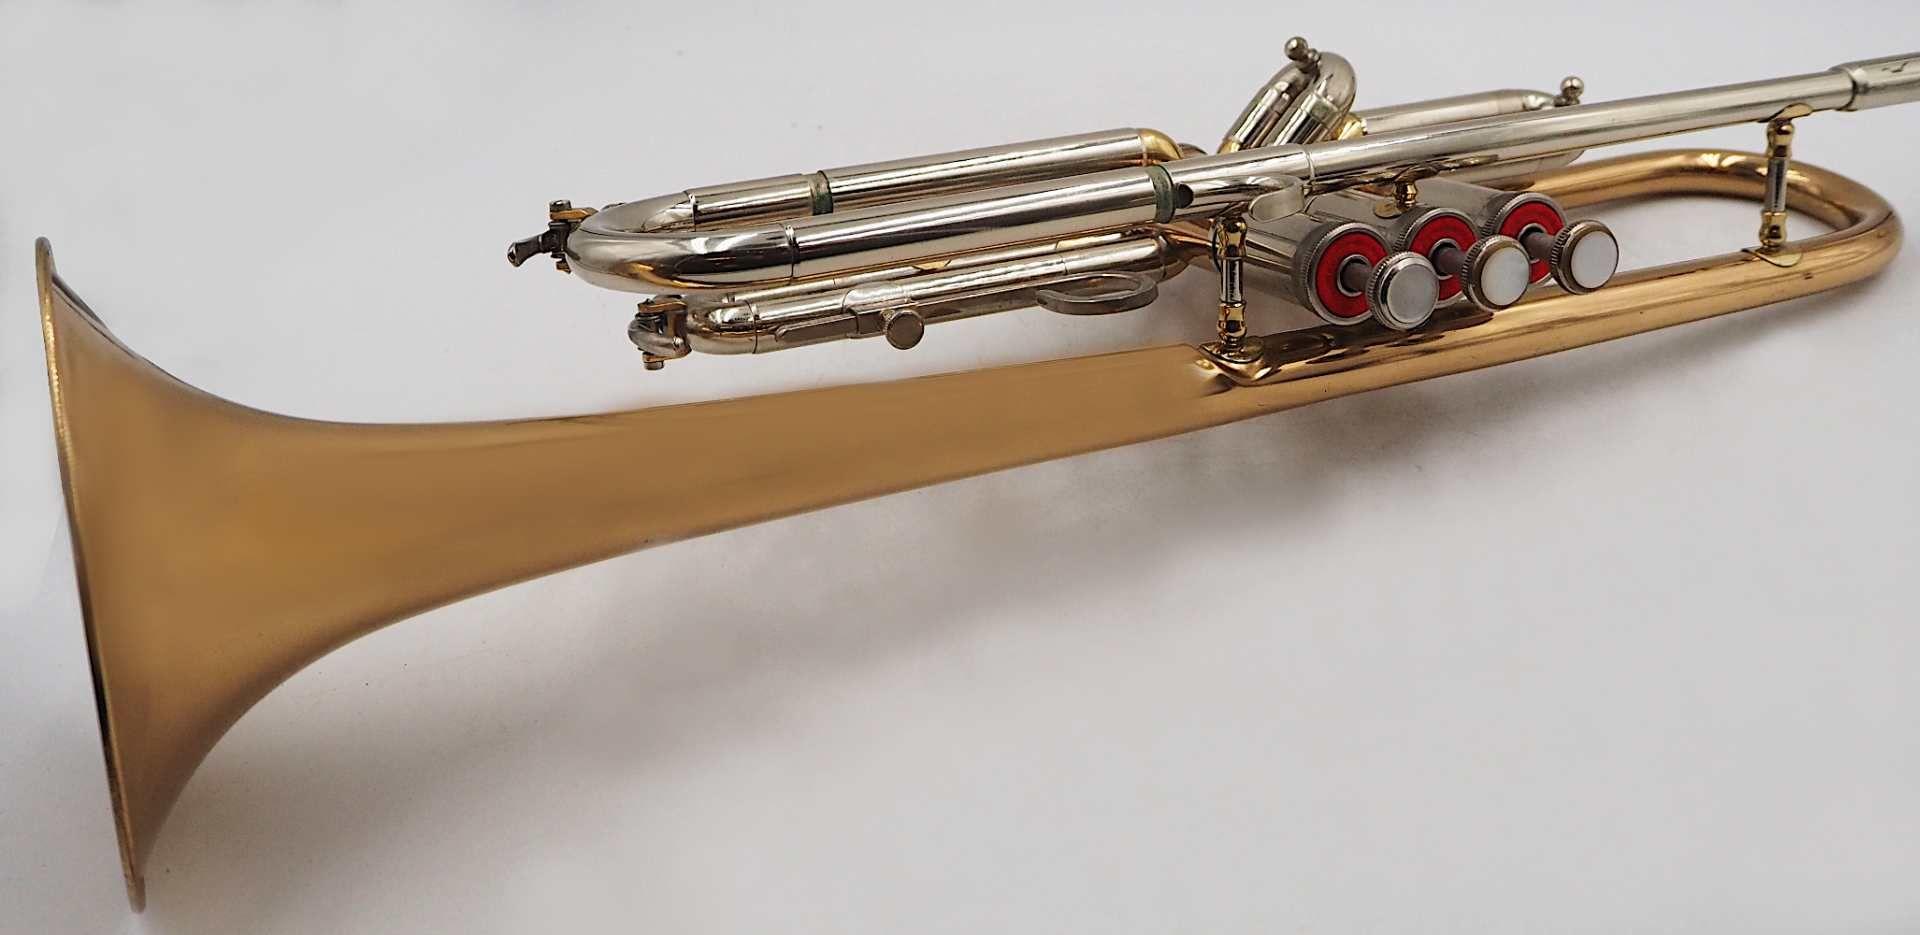 """1 Trompete SCHMIDTCO """"New Star"""" nztl. Messing, mit 3 Ventilen, L ca. 54cm, mit Trageko - Bild 3 aus 5"""